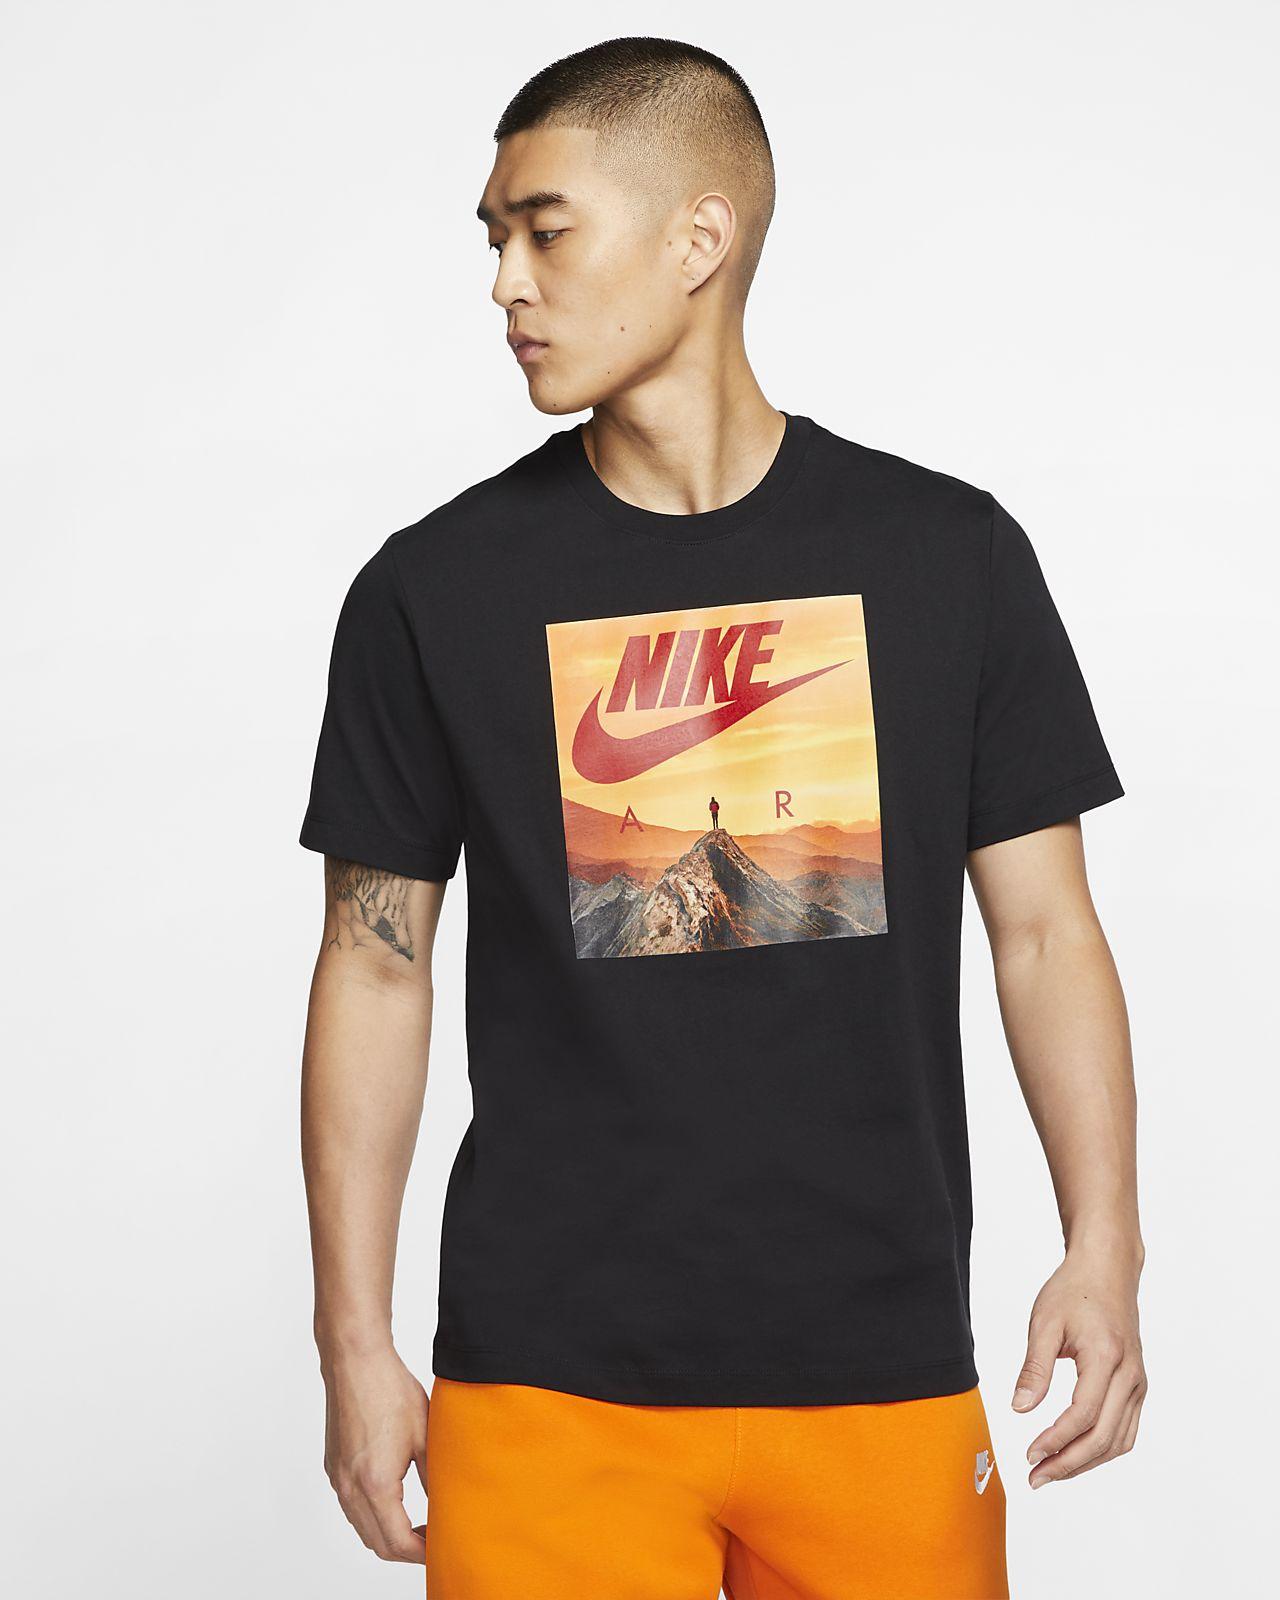 Nike Air Men's T Shirt